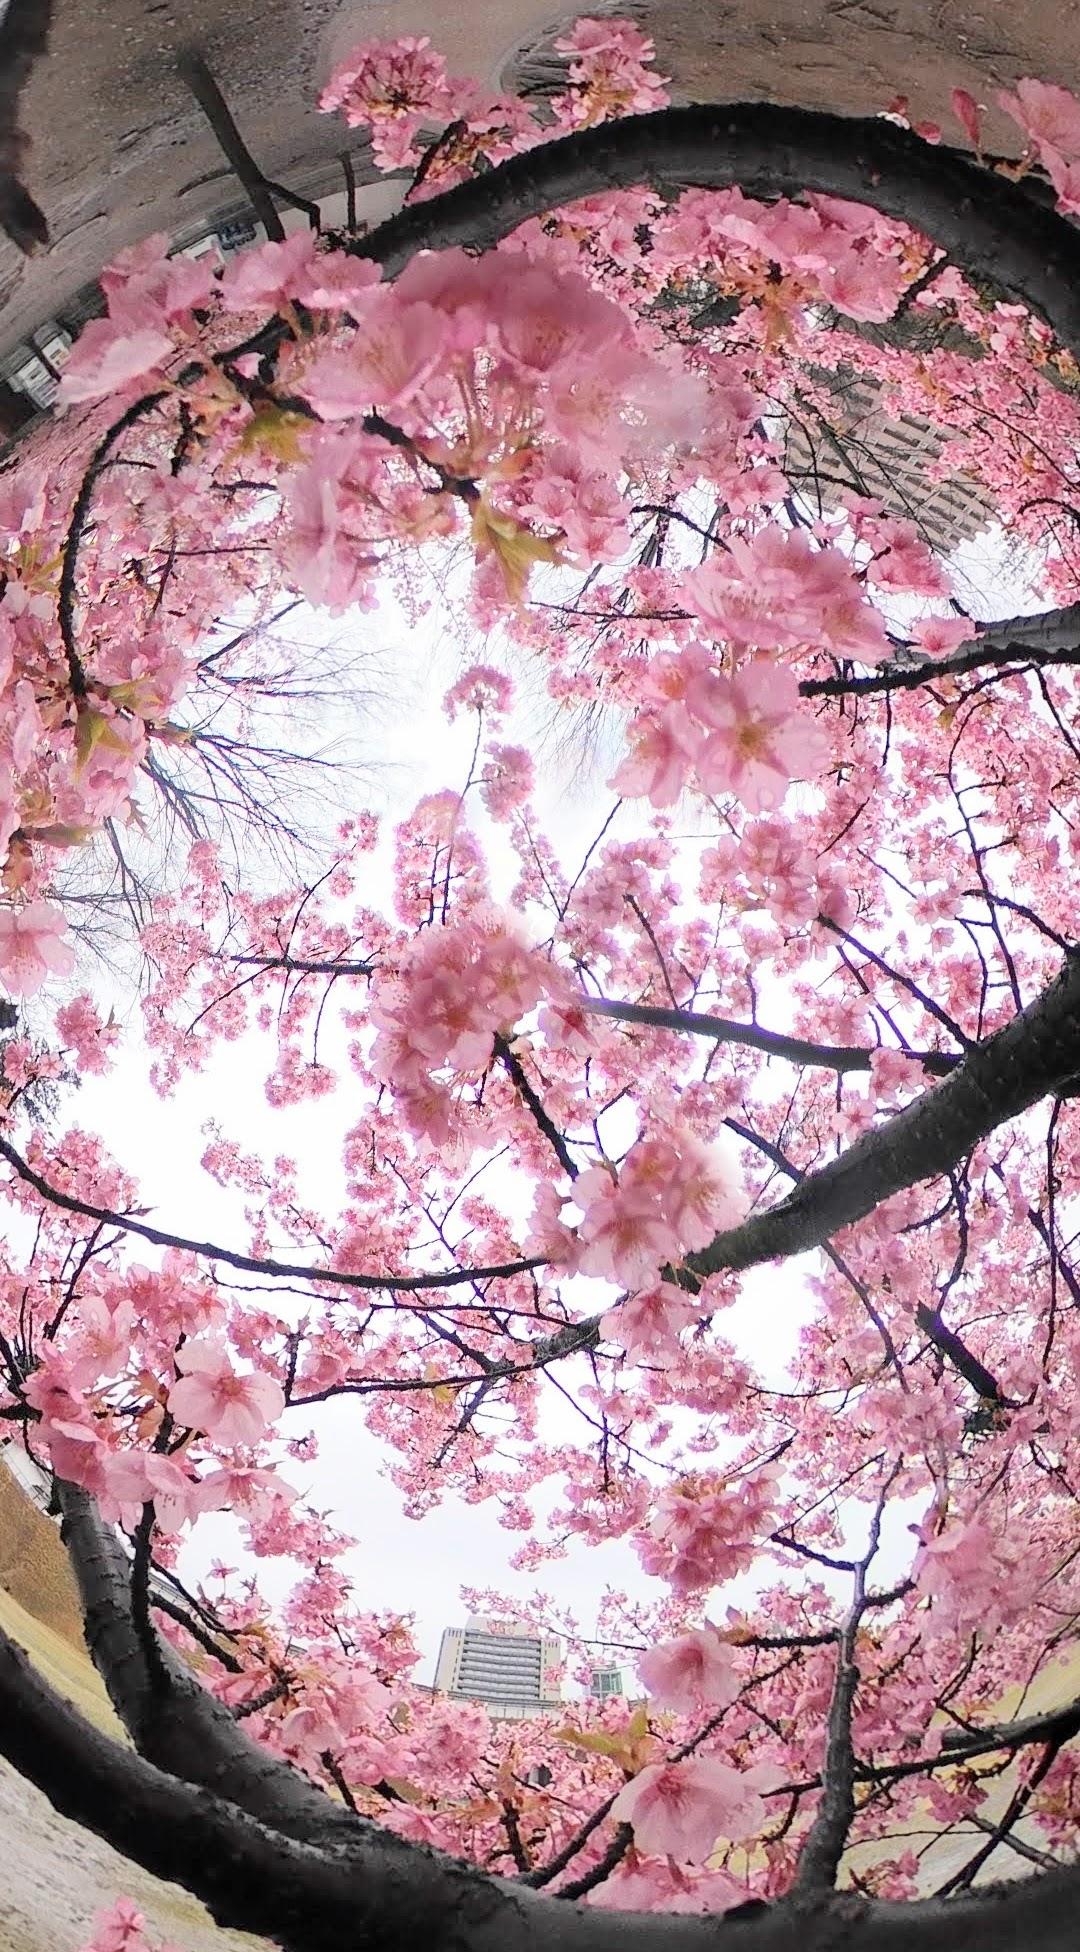 宇都宮城址公園「さくら祭り」中止、それでもサクラは元気に咲いていた